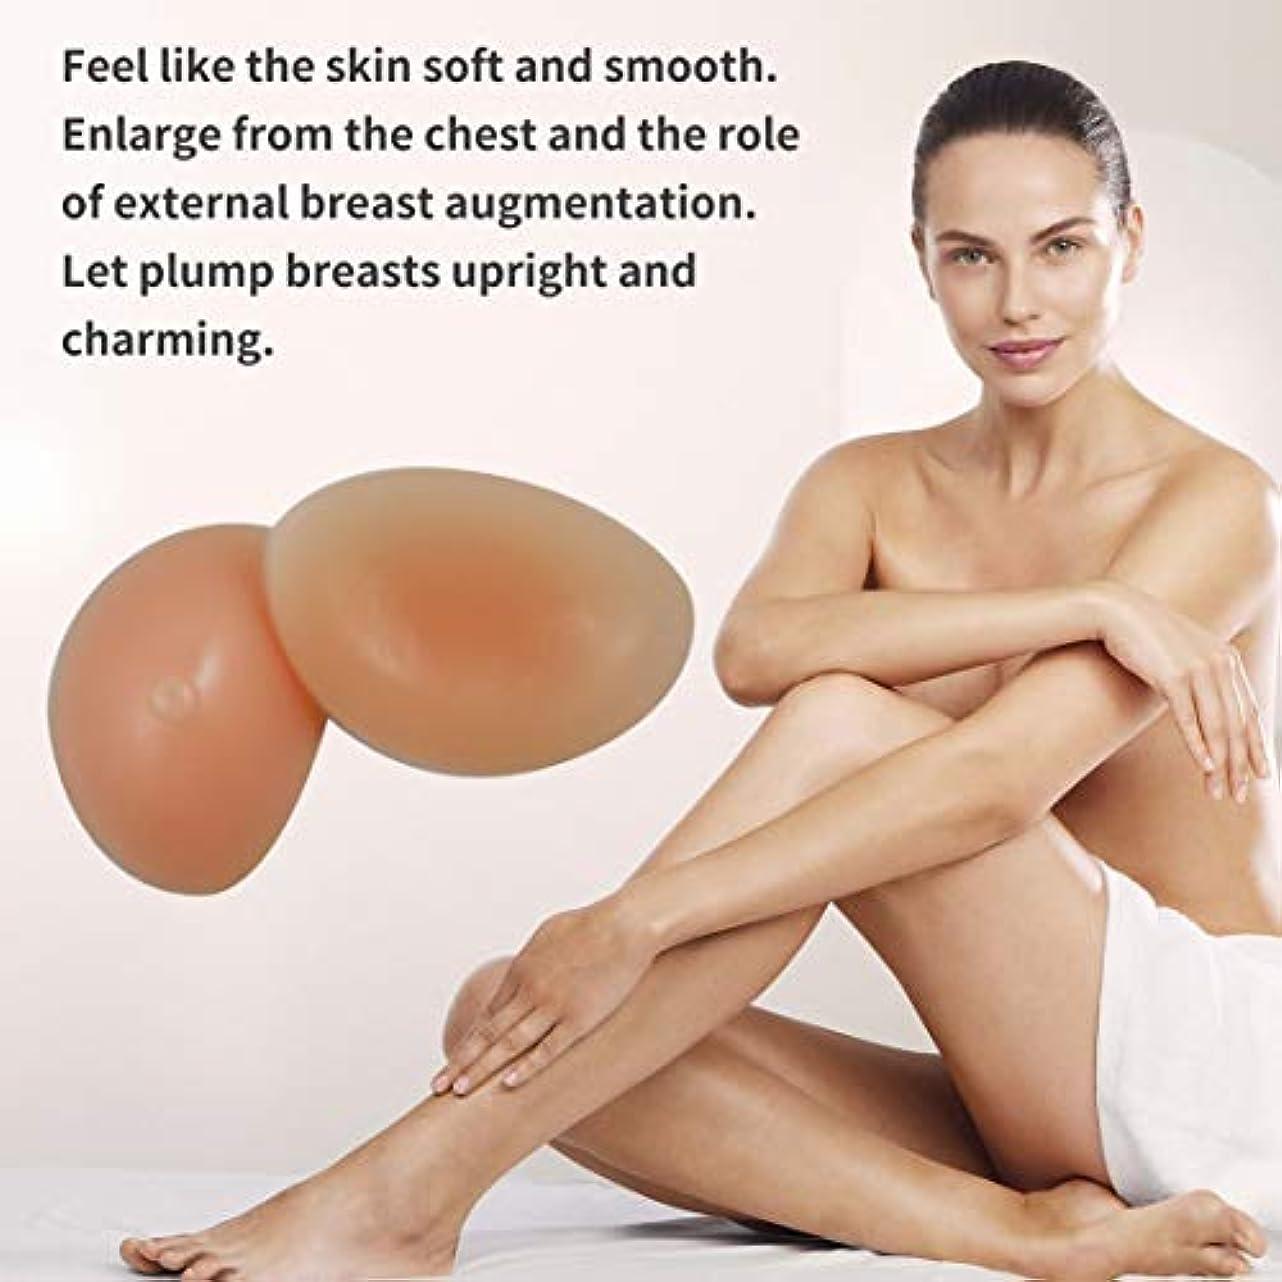 楽しむ佐賀掃除シリコーンフォーム偽乳房エンハンサープッシュアップパッドブースターブラインサート人工乳房リアルな防水シリコーン乳房フォーム